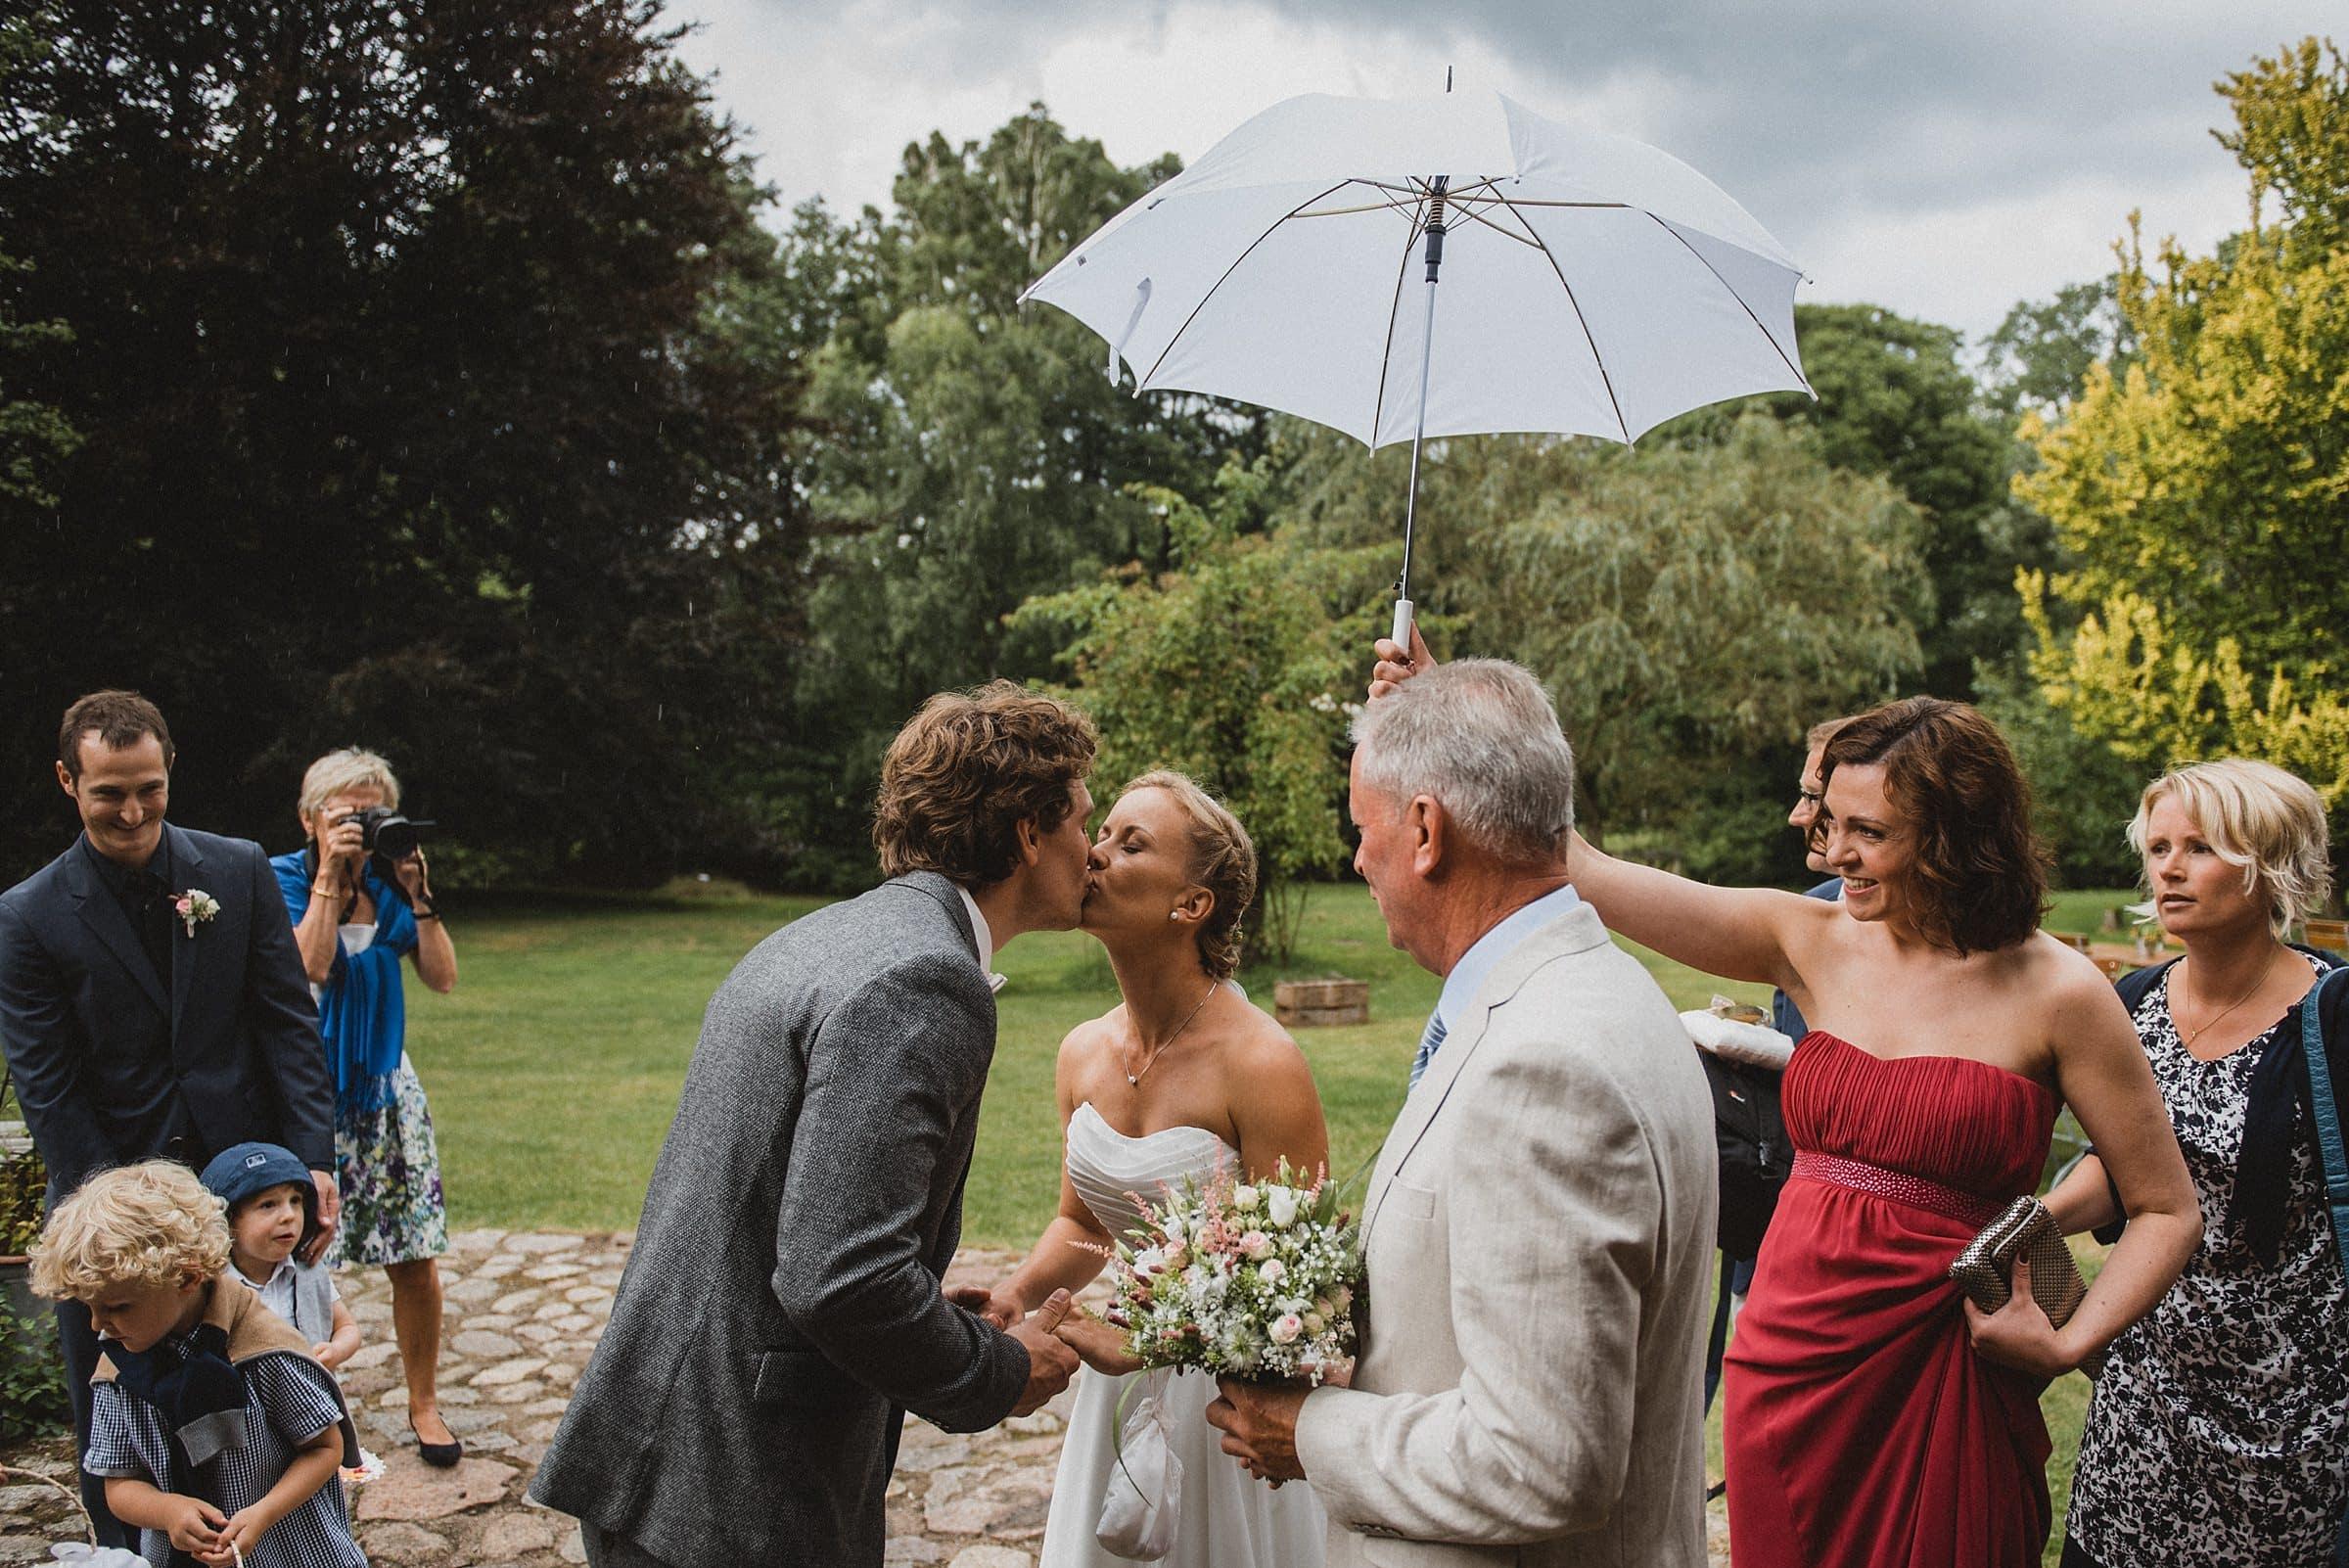 Hochzeitsfotografie-Frau-Siemers-Hof Weihe-first Look unterm Regenschirm